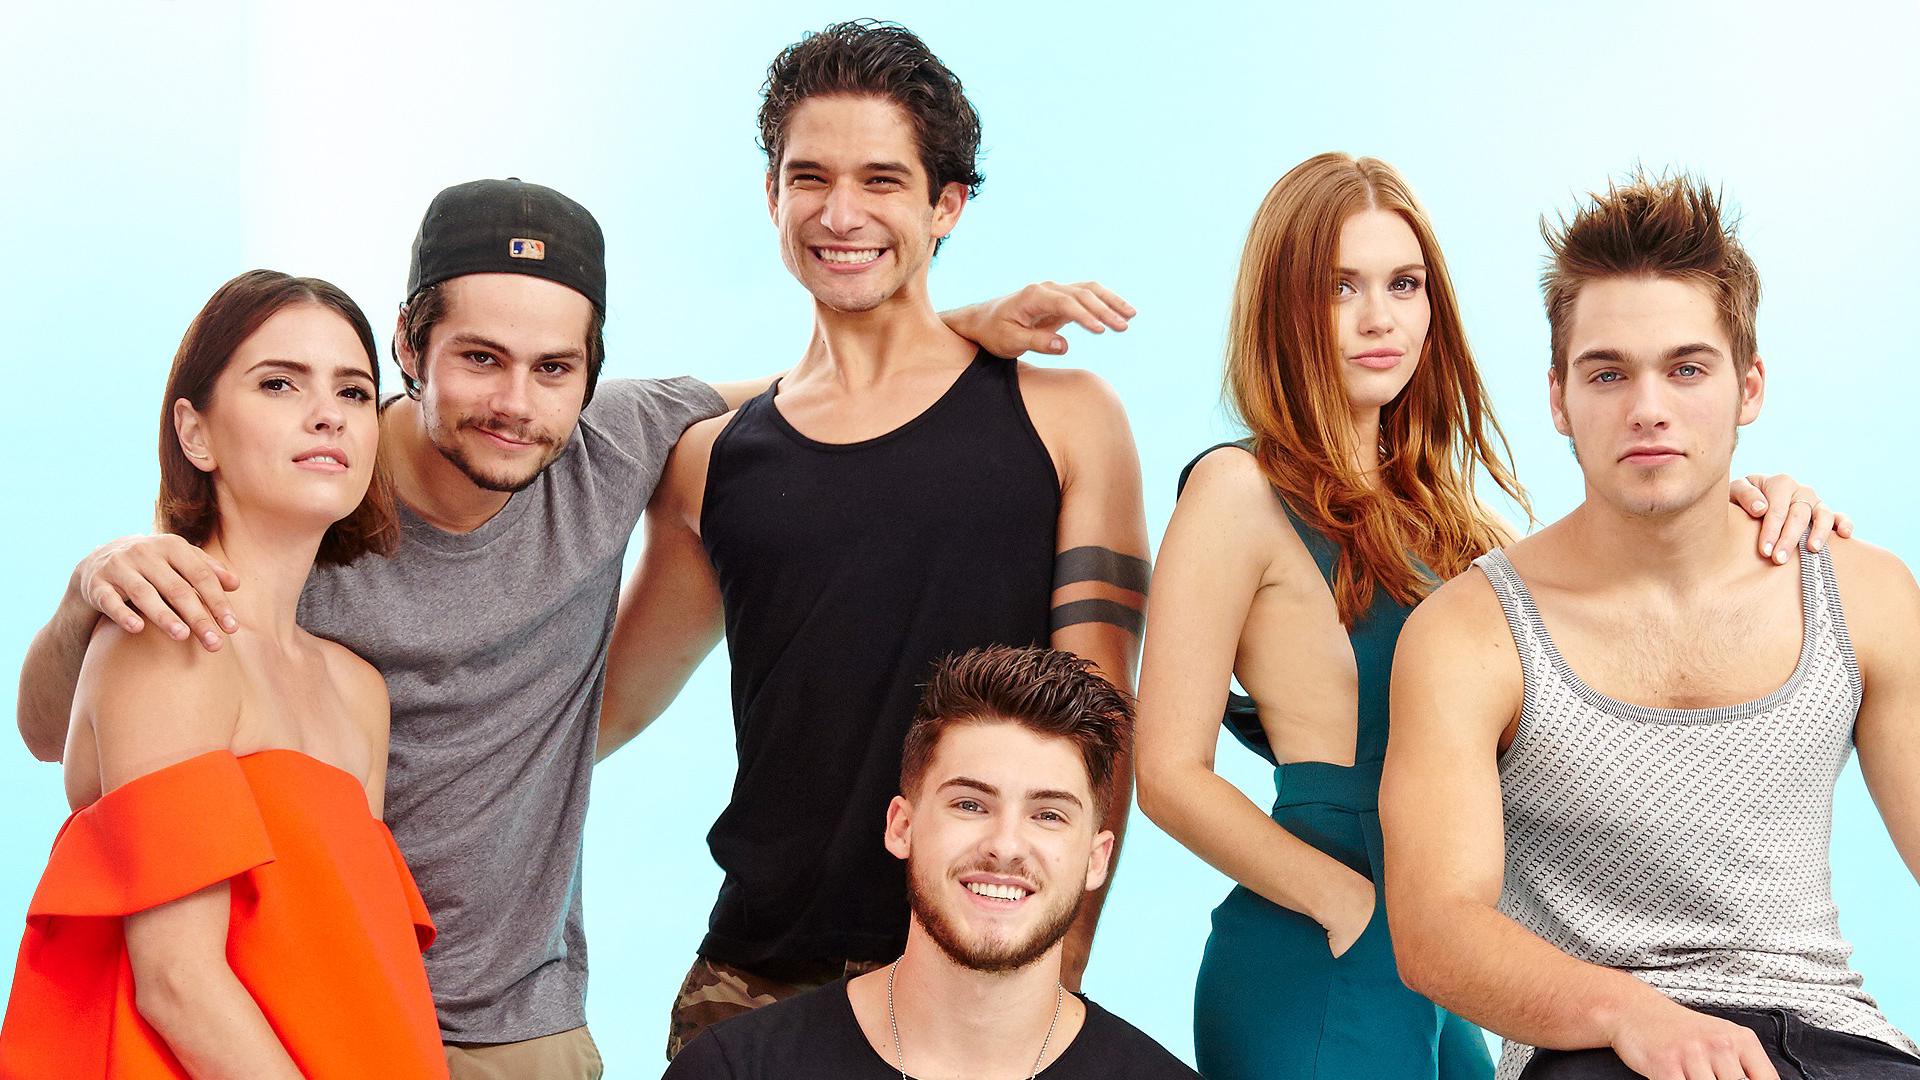 S5 Cast - Teen Wolf Cast , HD Wallpaper & Backgrounds